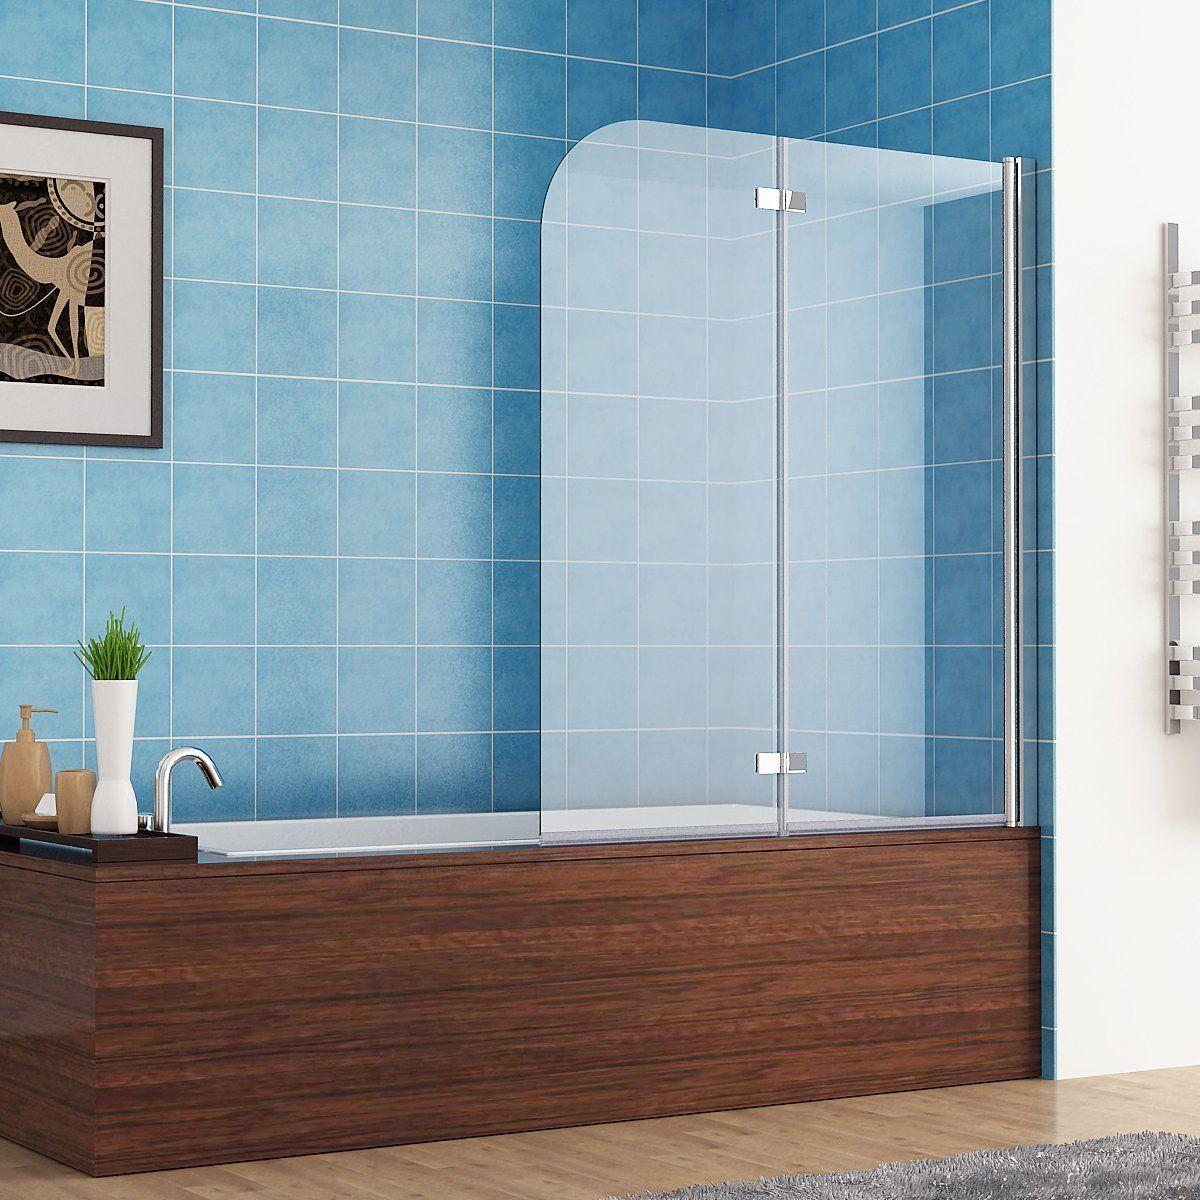 120 X 140 Cm Badewannen 2 Tlg Faltwand Aufsatz 180 Duschwand Duschabtrennung Nano Glas Amazon De Kuche Duschabtrennung Duschabtrennung Badewanne Badewanne